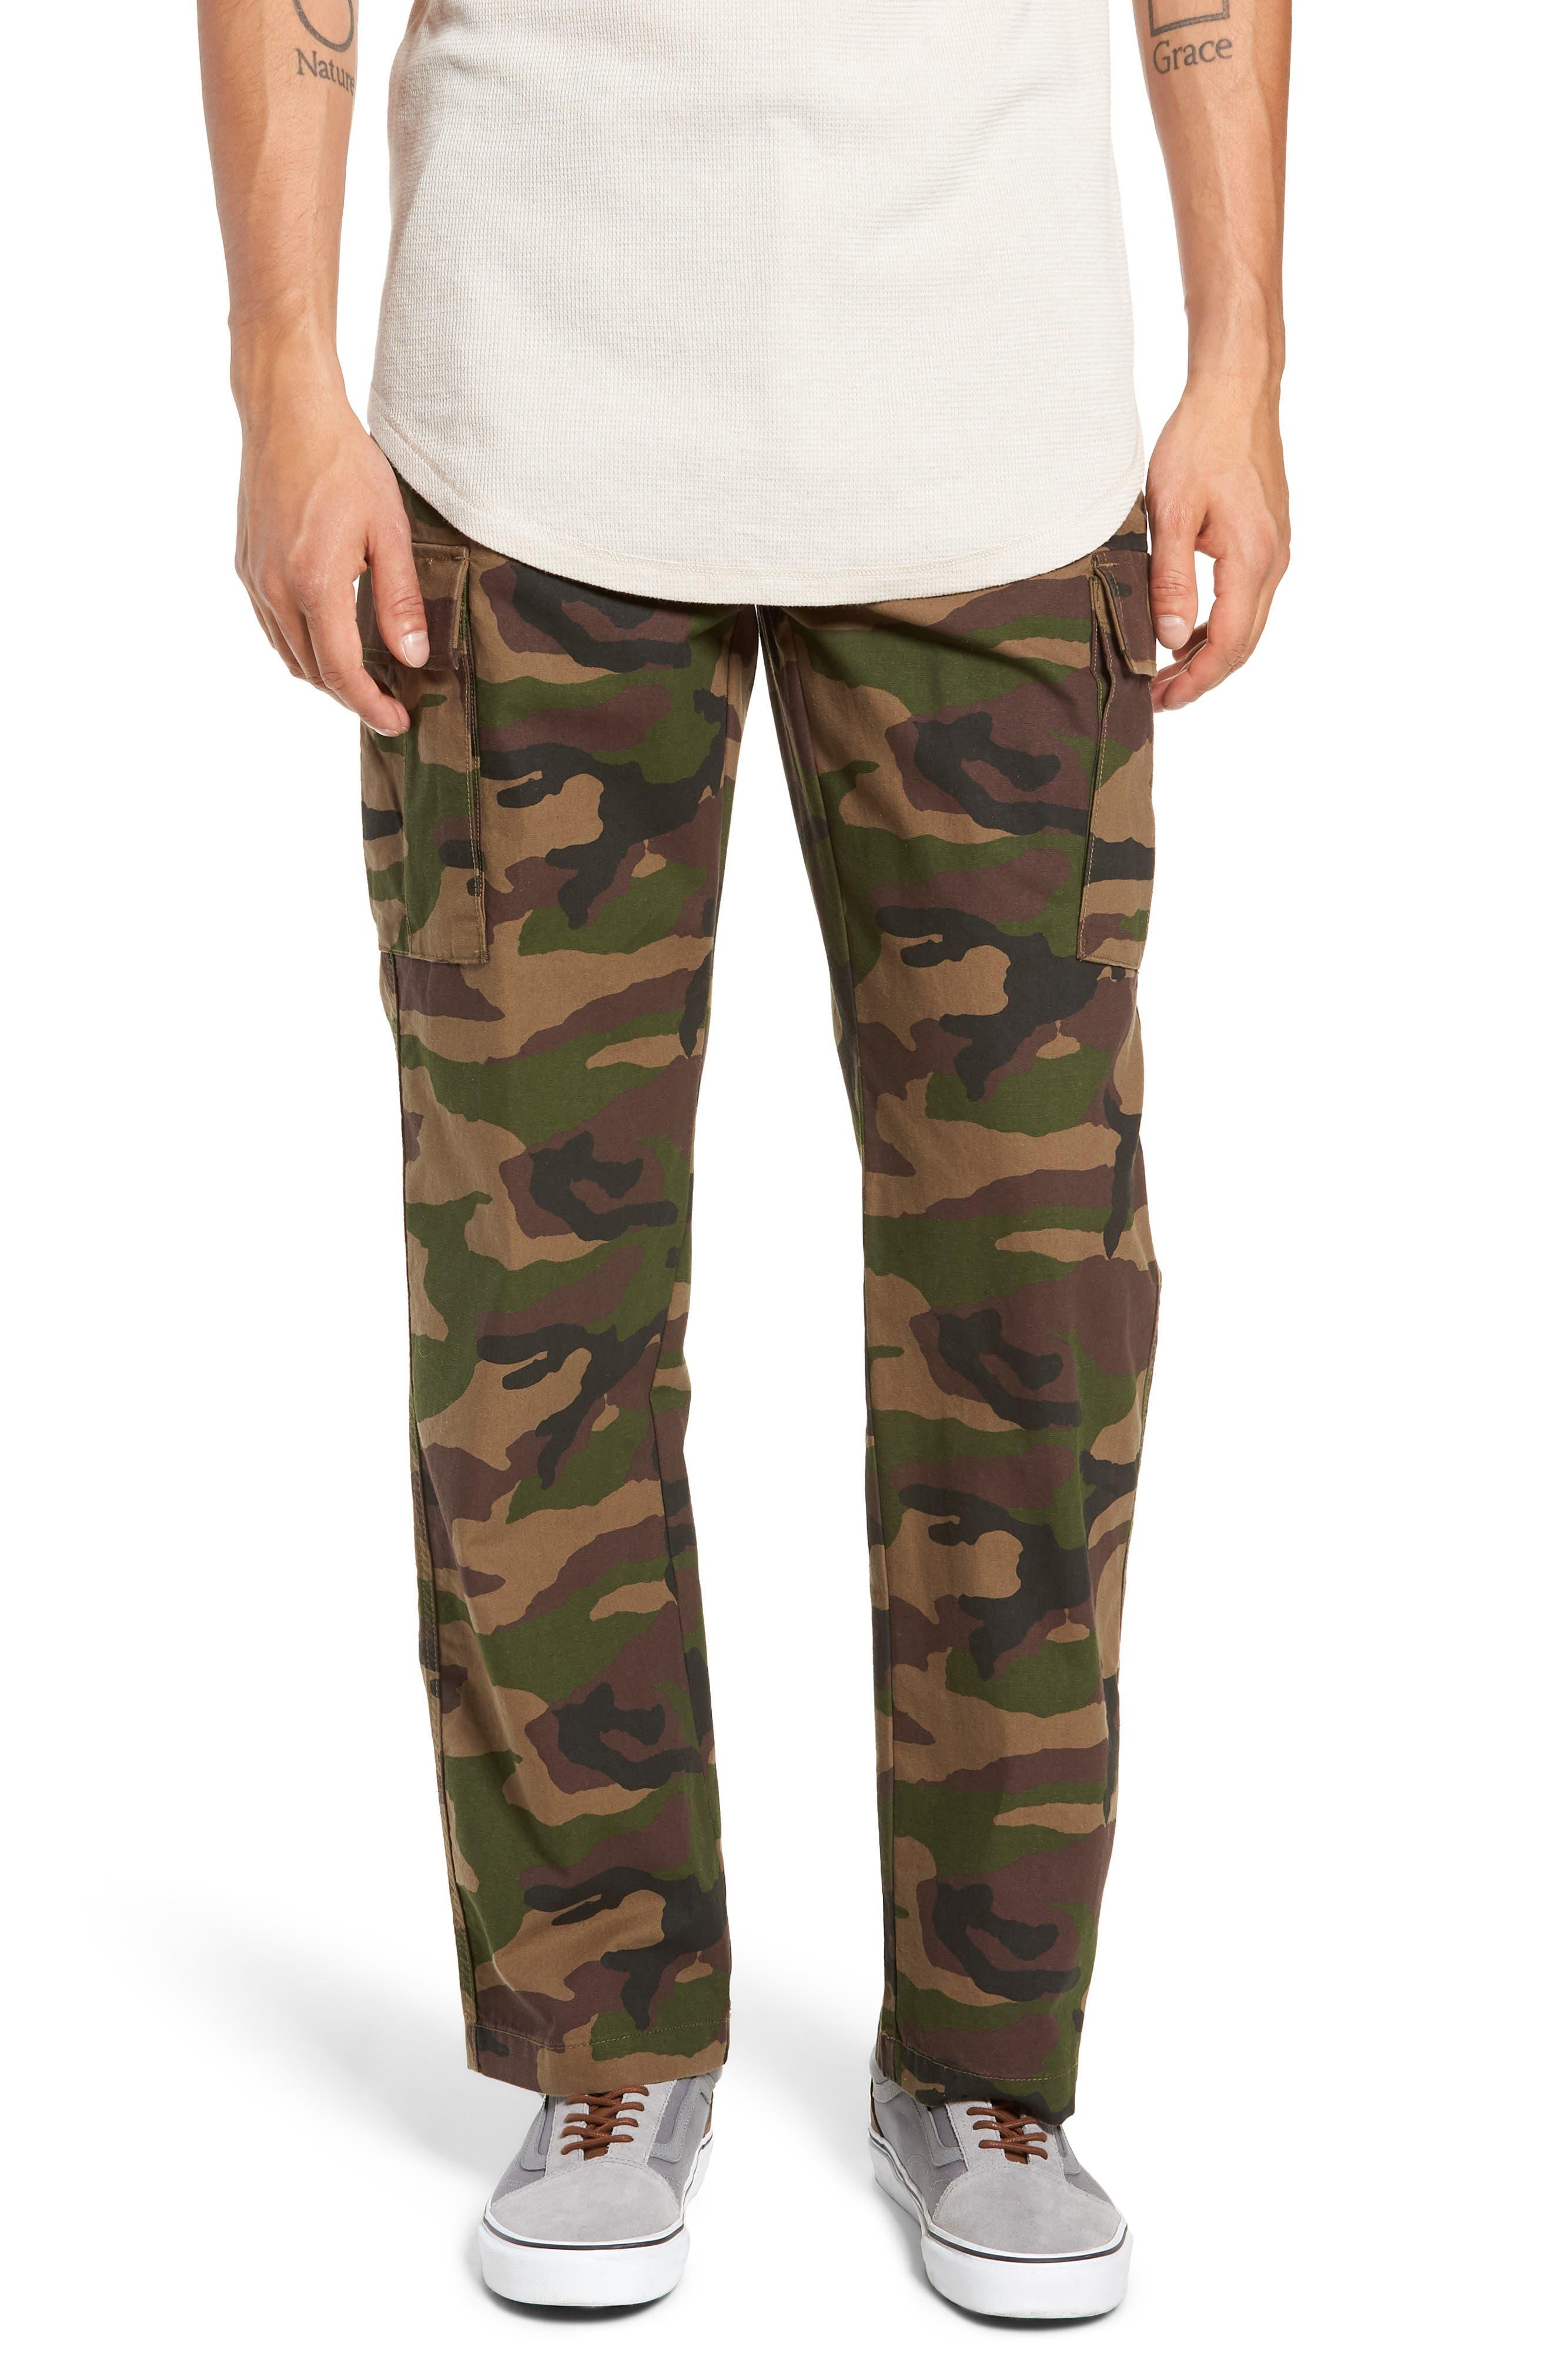 Draft Regular Fit Cargo Pants,                             Main thumbnail 1, color,                             CAMO